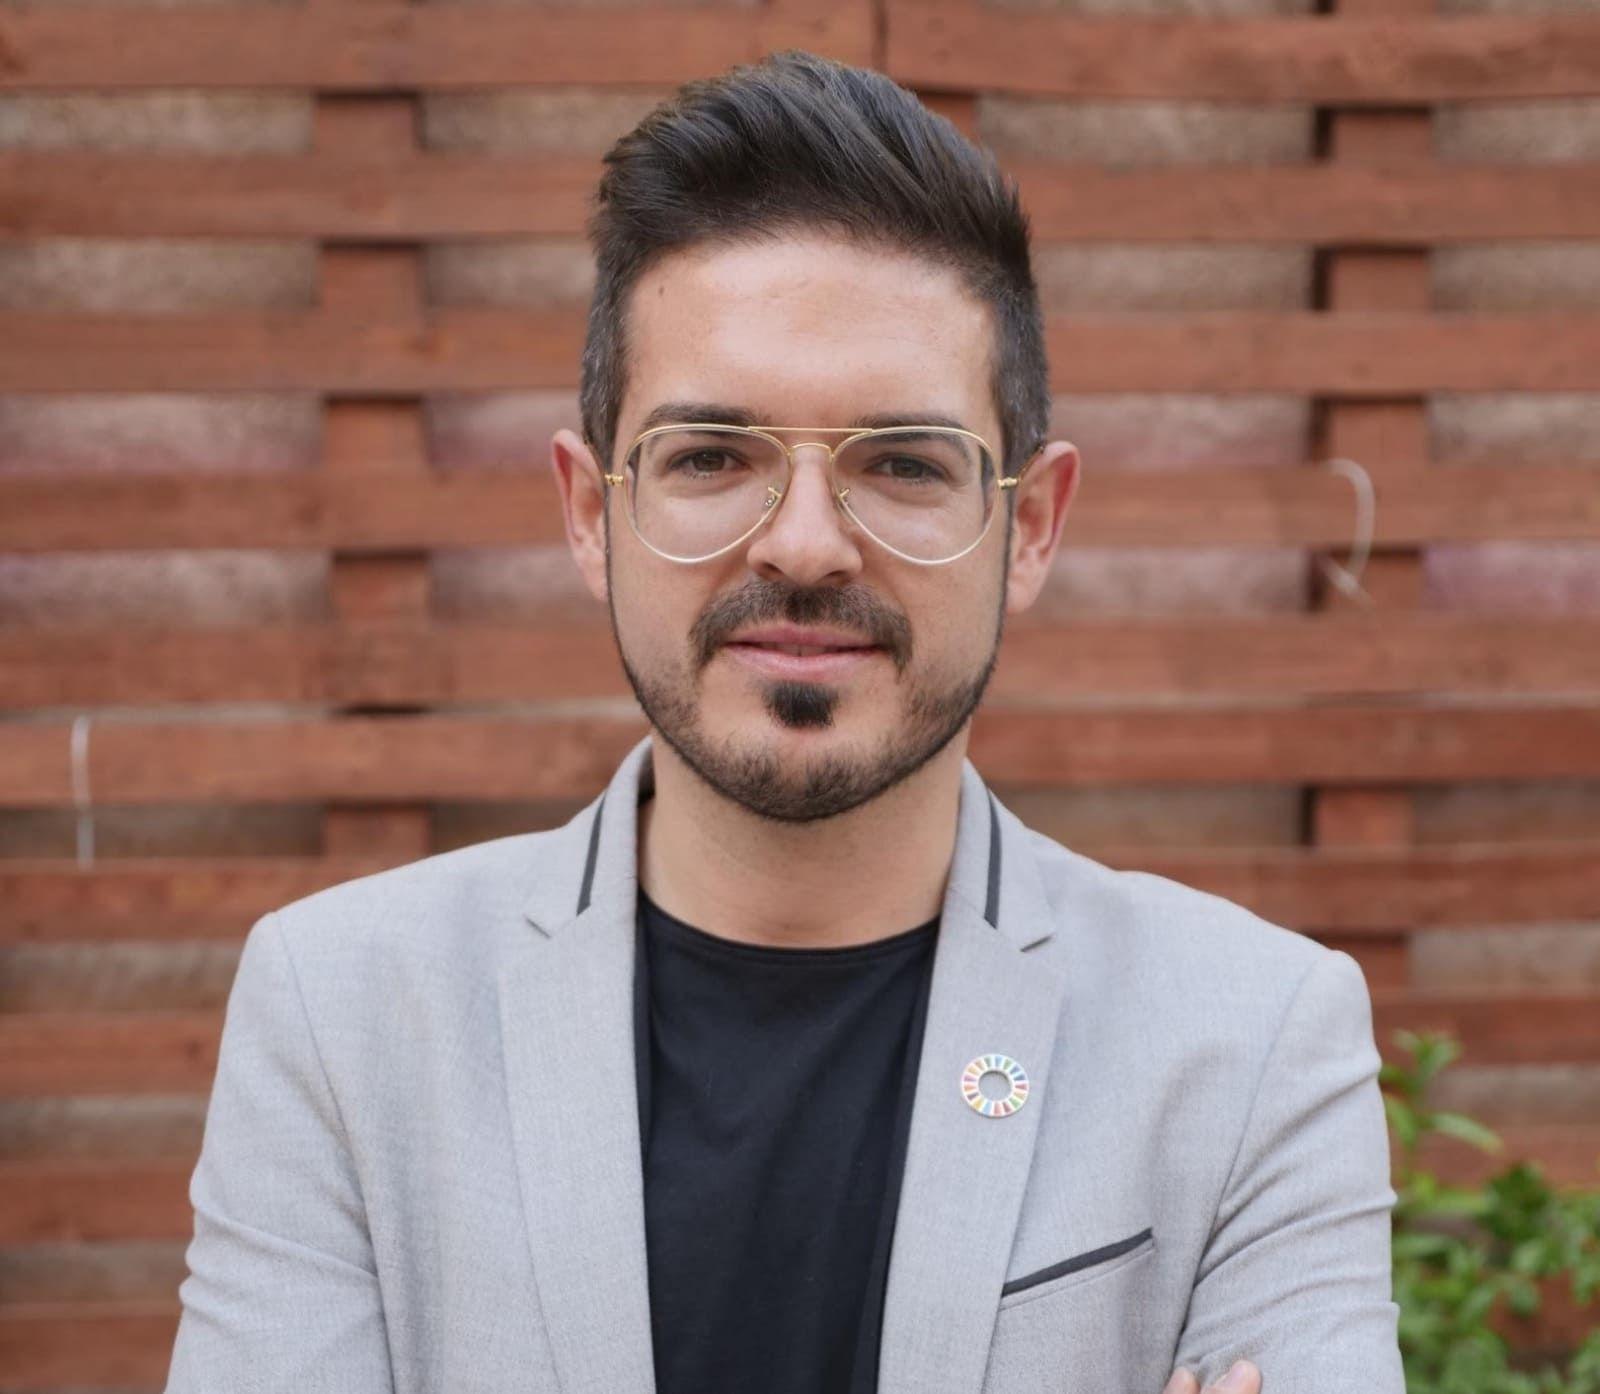 Antonio José Espín